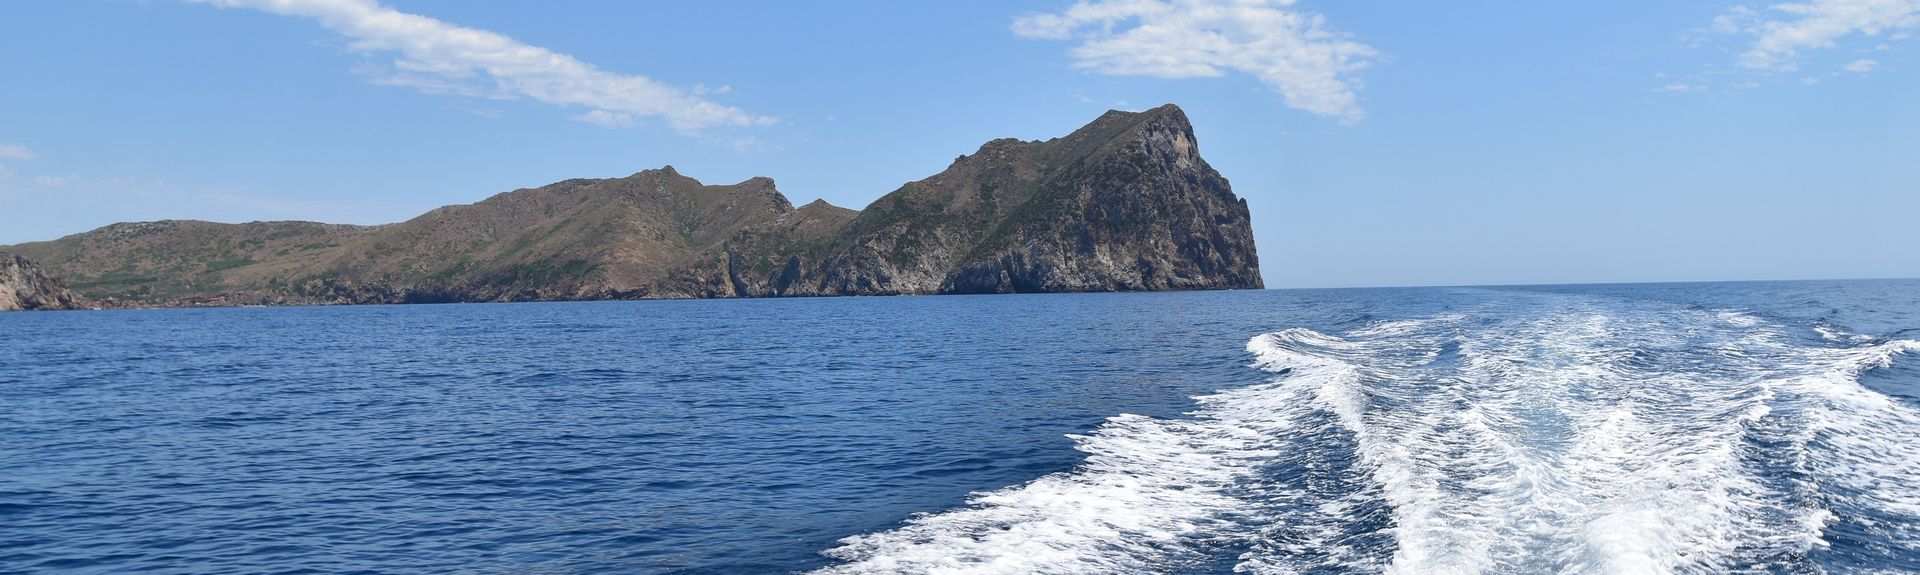 Villaperuccio, South Sardinia, Sardinia, Italy